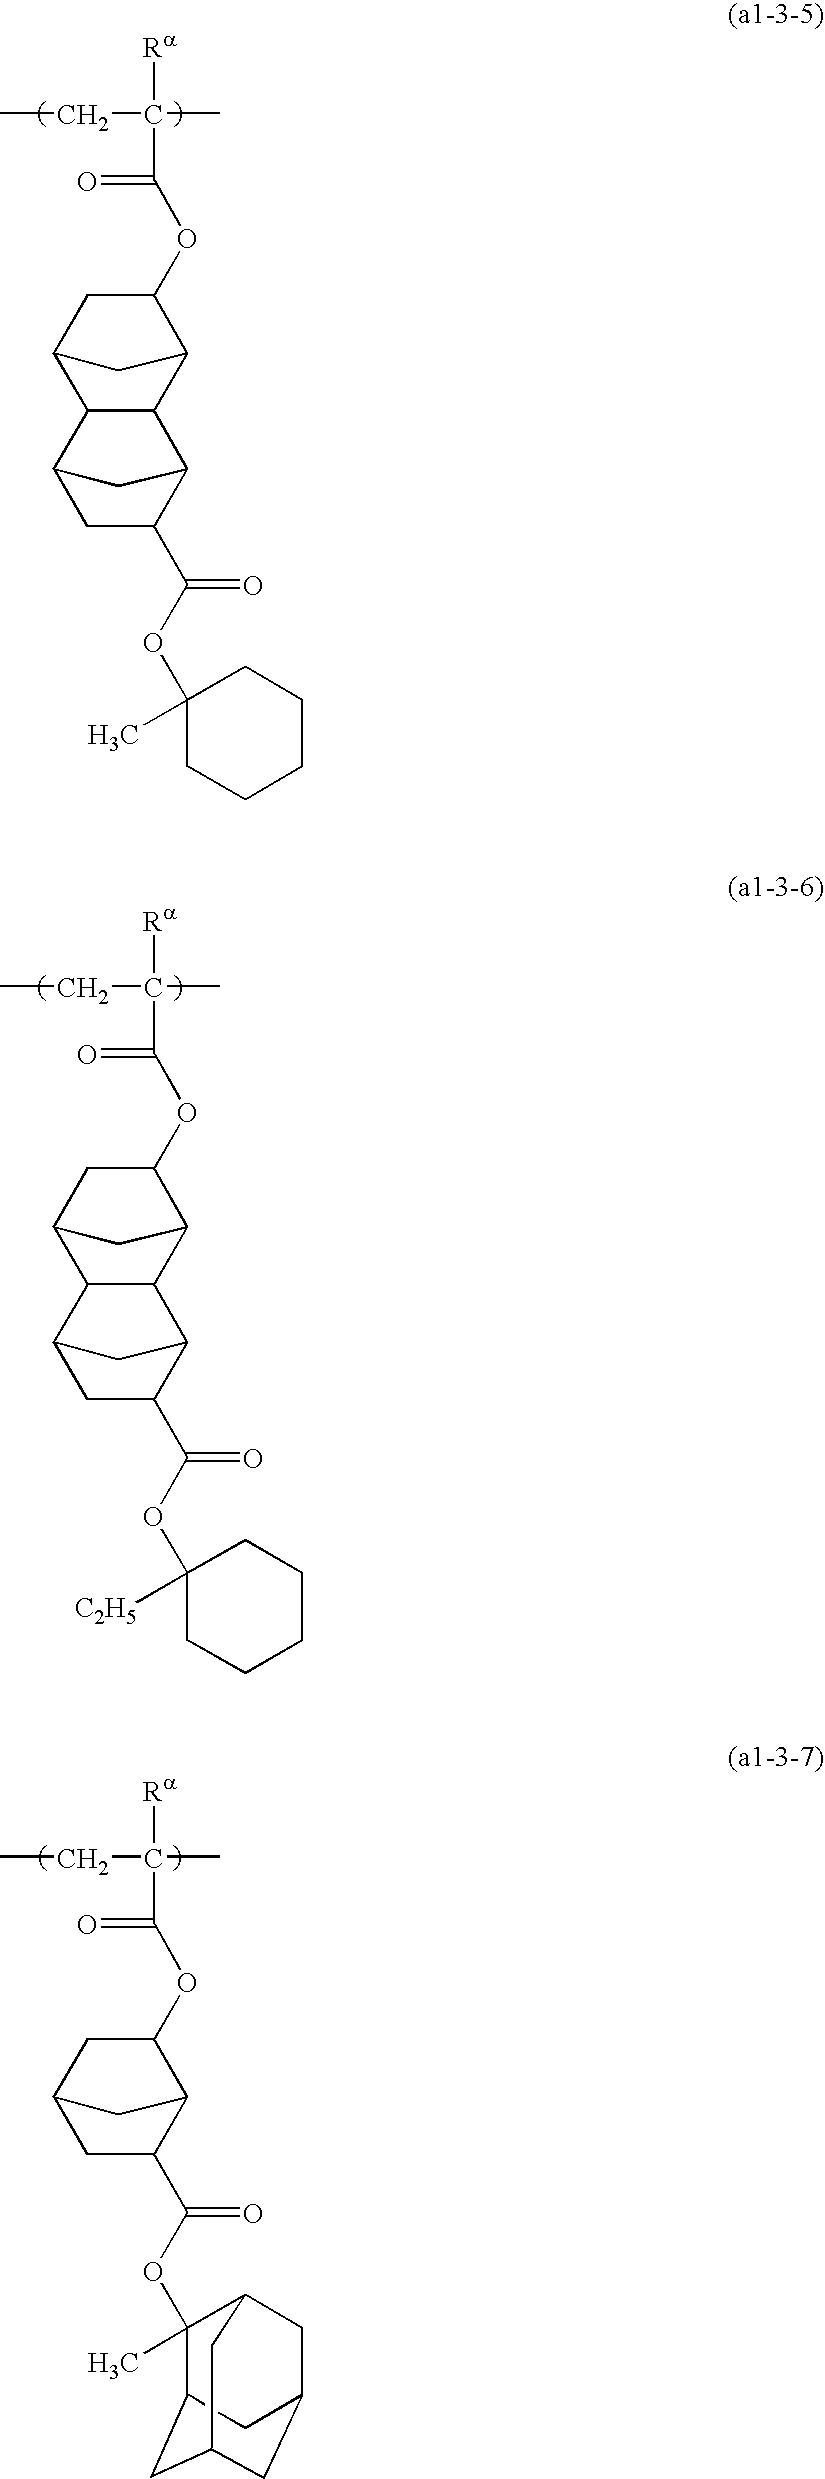 Figure US20100196821A1-20100805-C00035